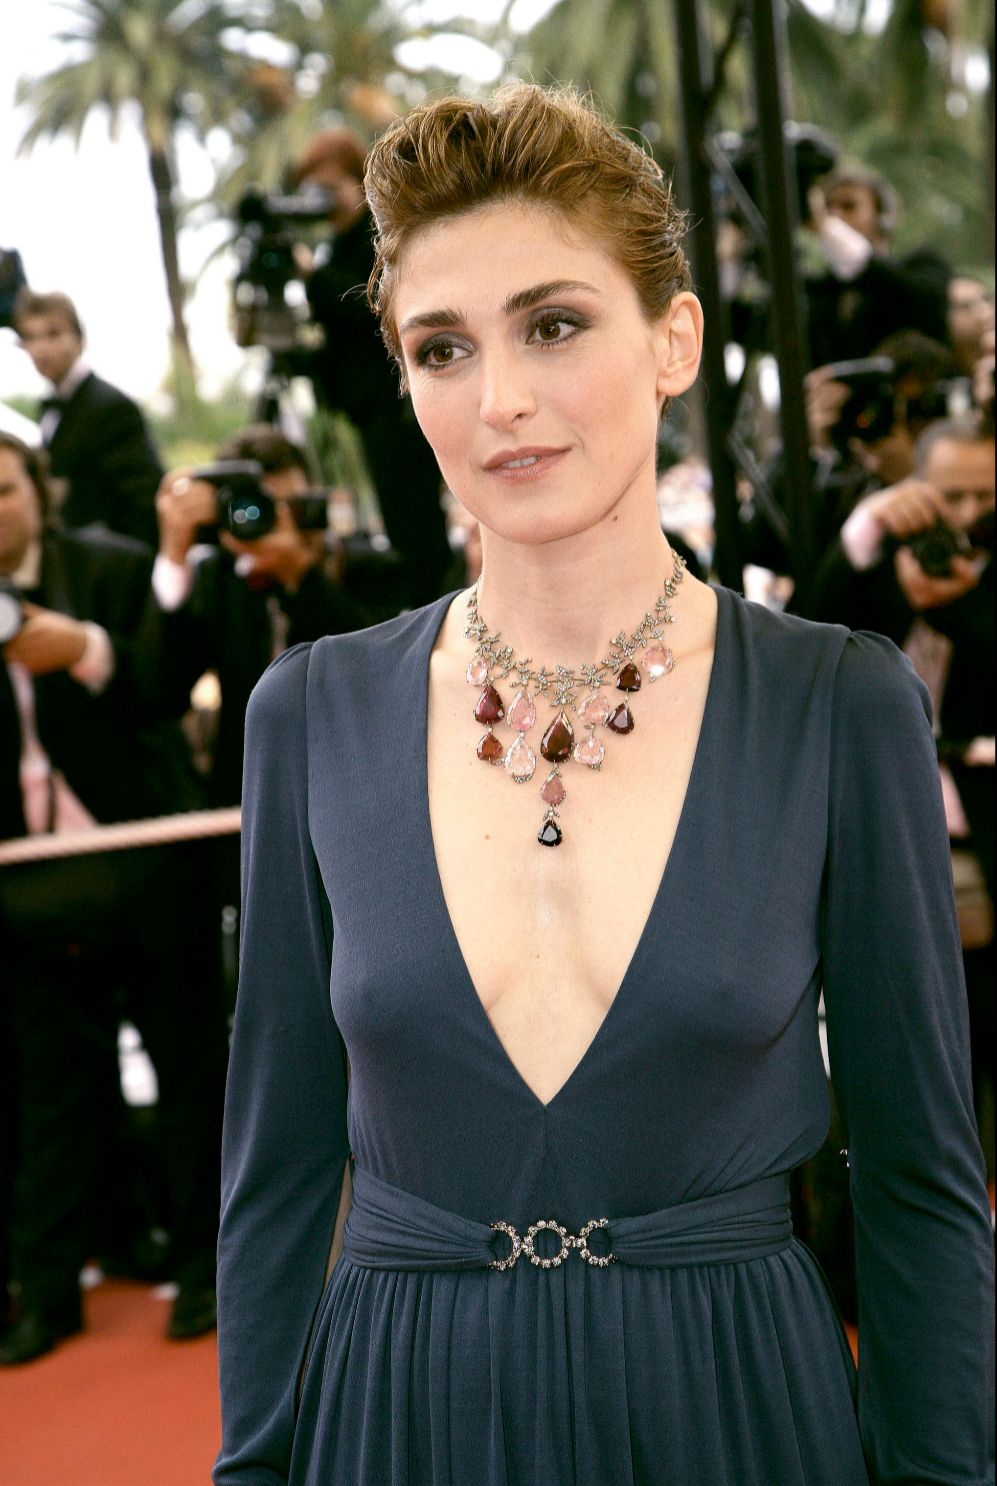 Julie Gayet, de 41 años, es una actriz y productora francesa conocida...